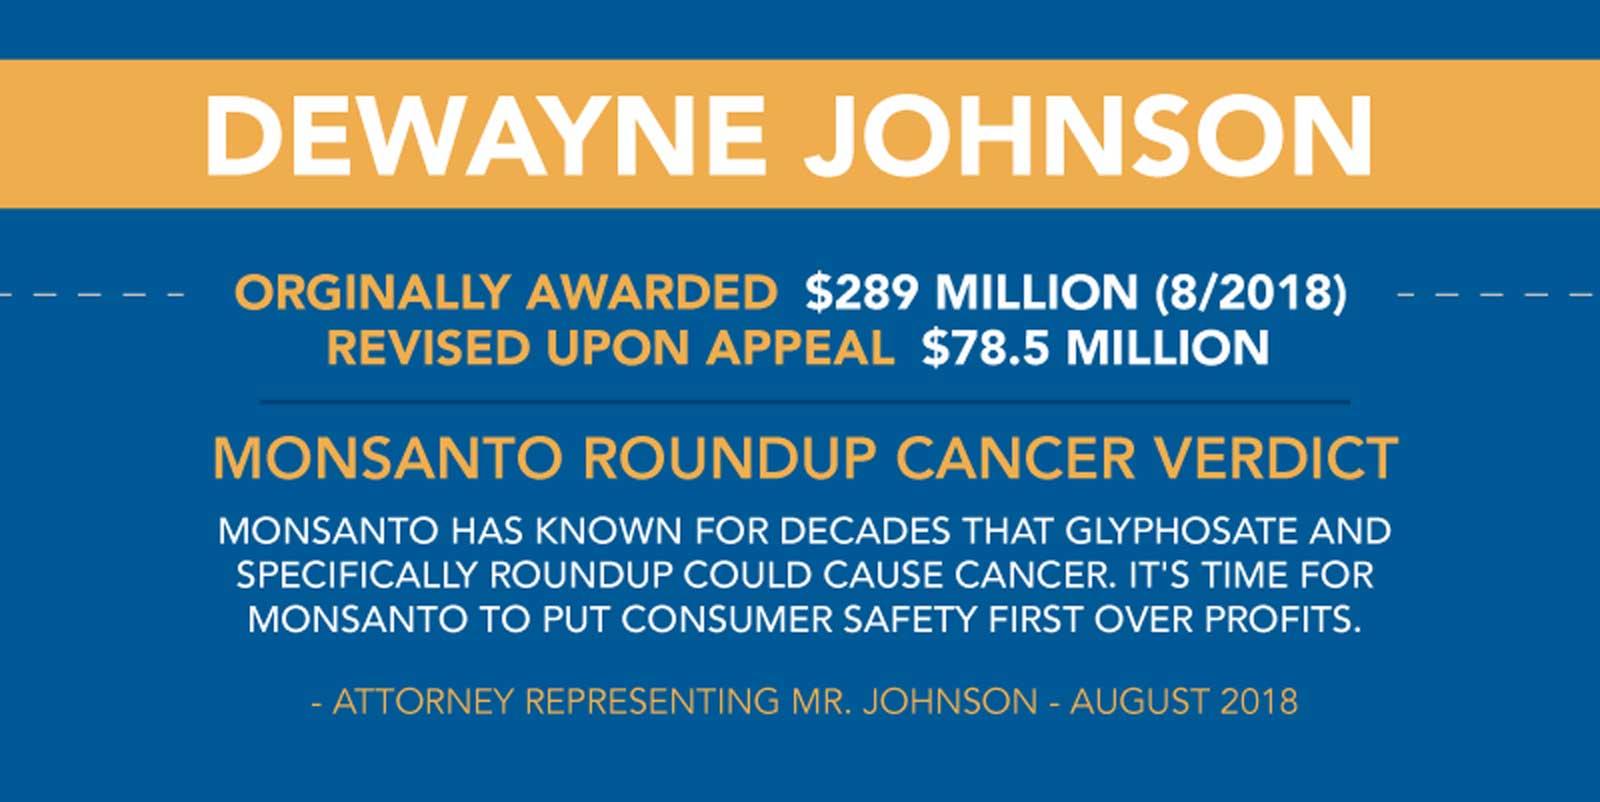 Roundup Lawsuit - Compensation for Non-Hodgkins Lymphoma